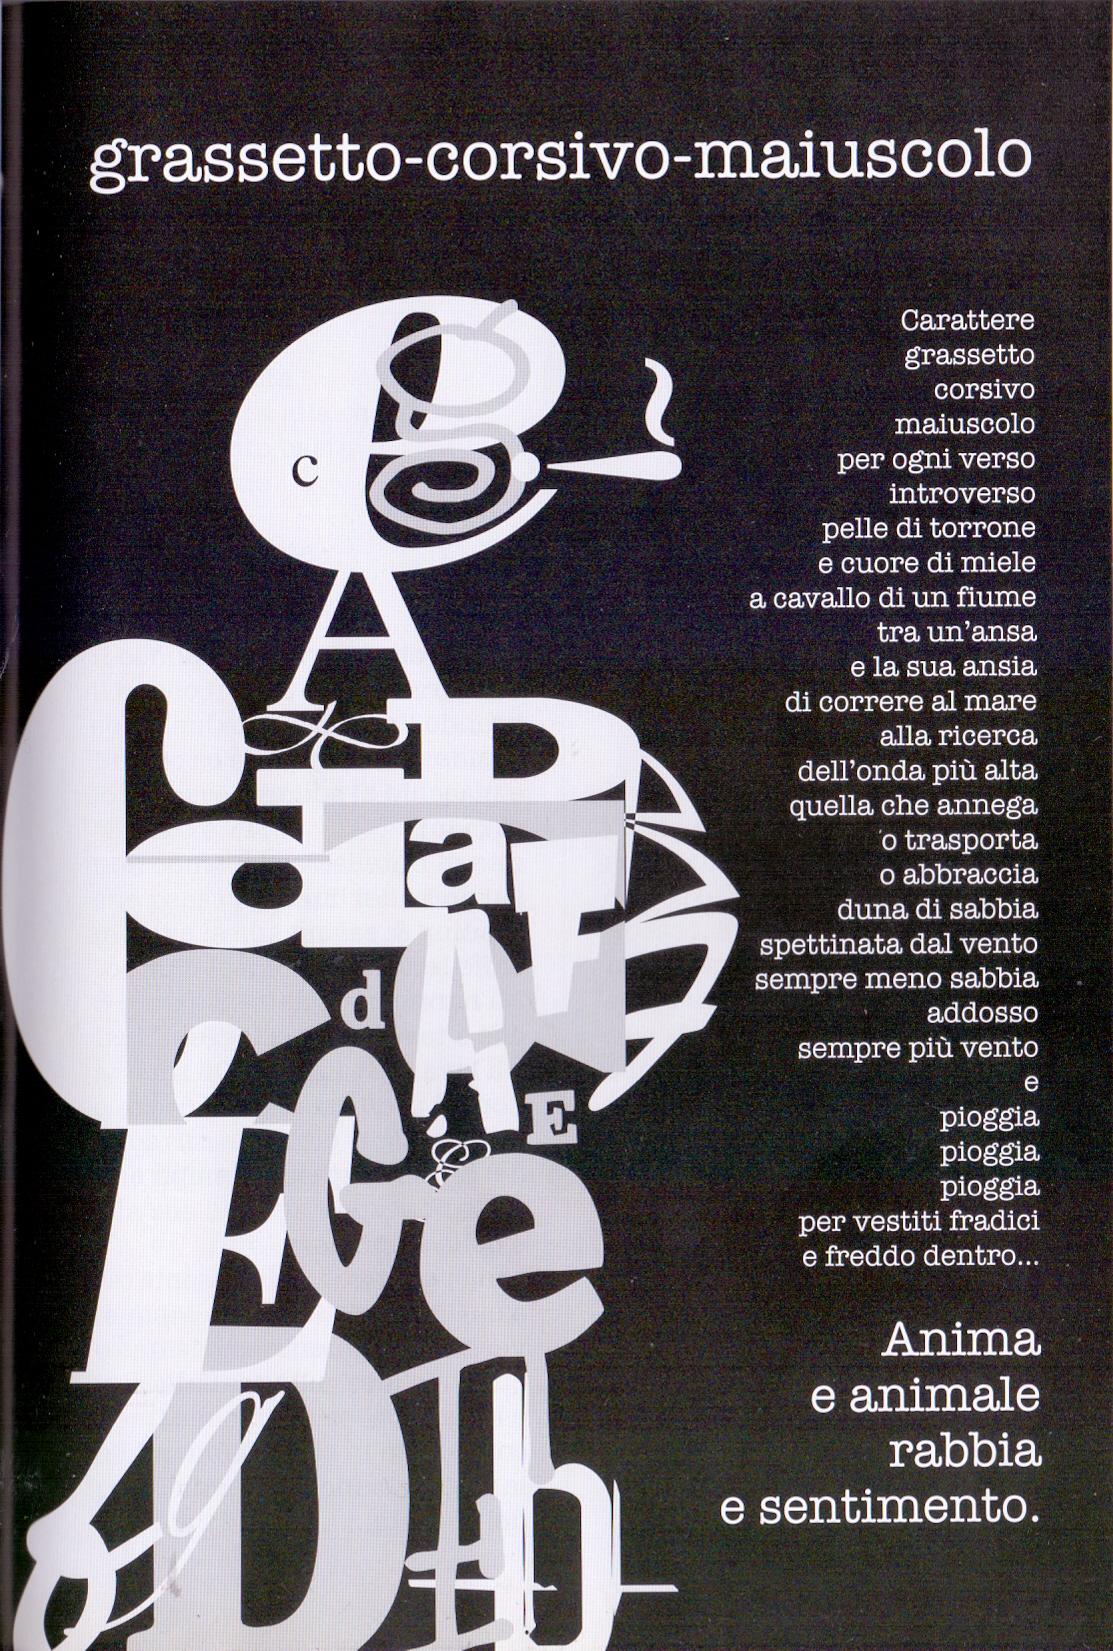 Poesia qualepoesia/34: Beppe Bresolin, elementi di poesia concreta